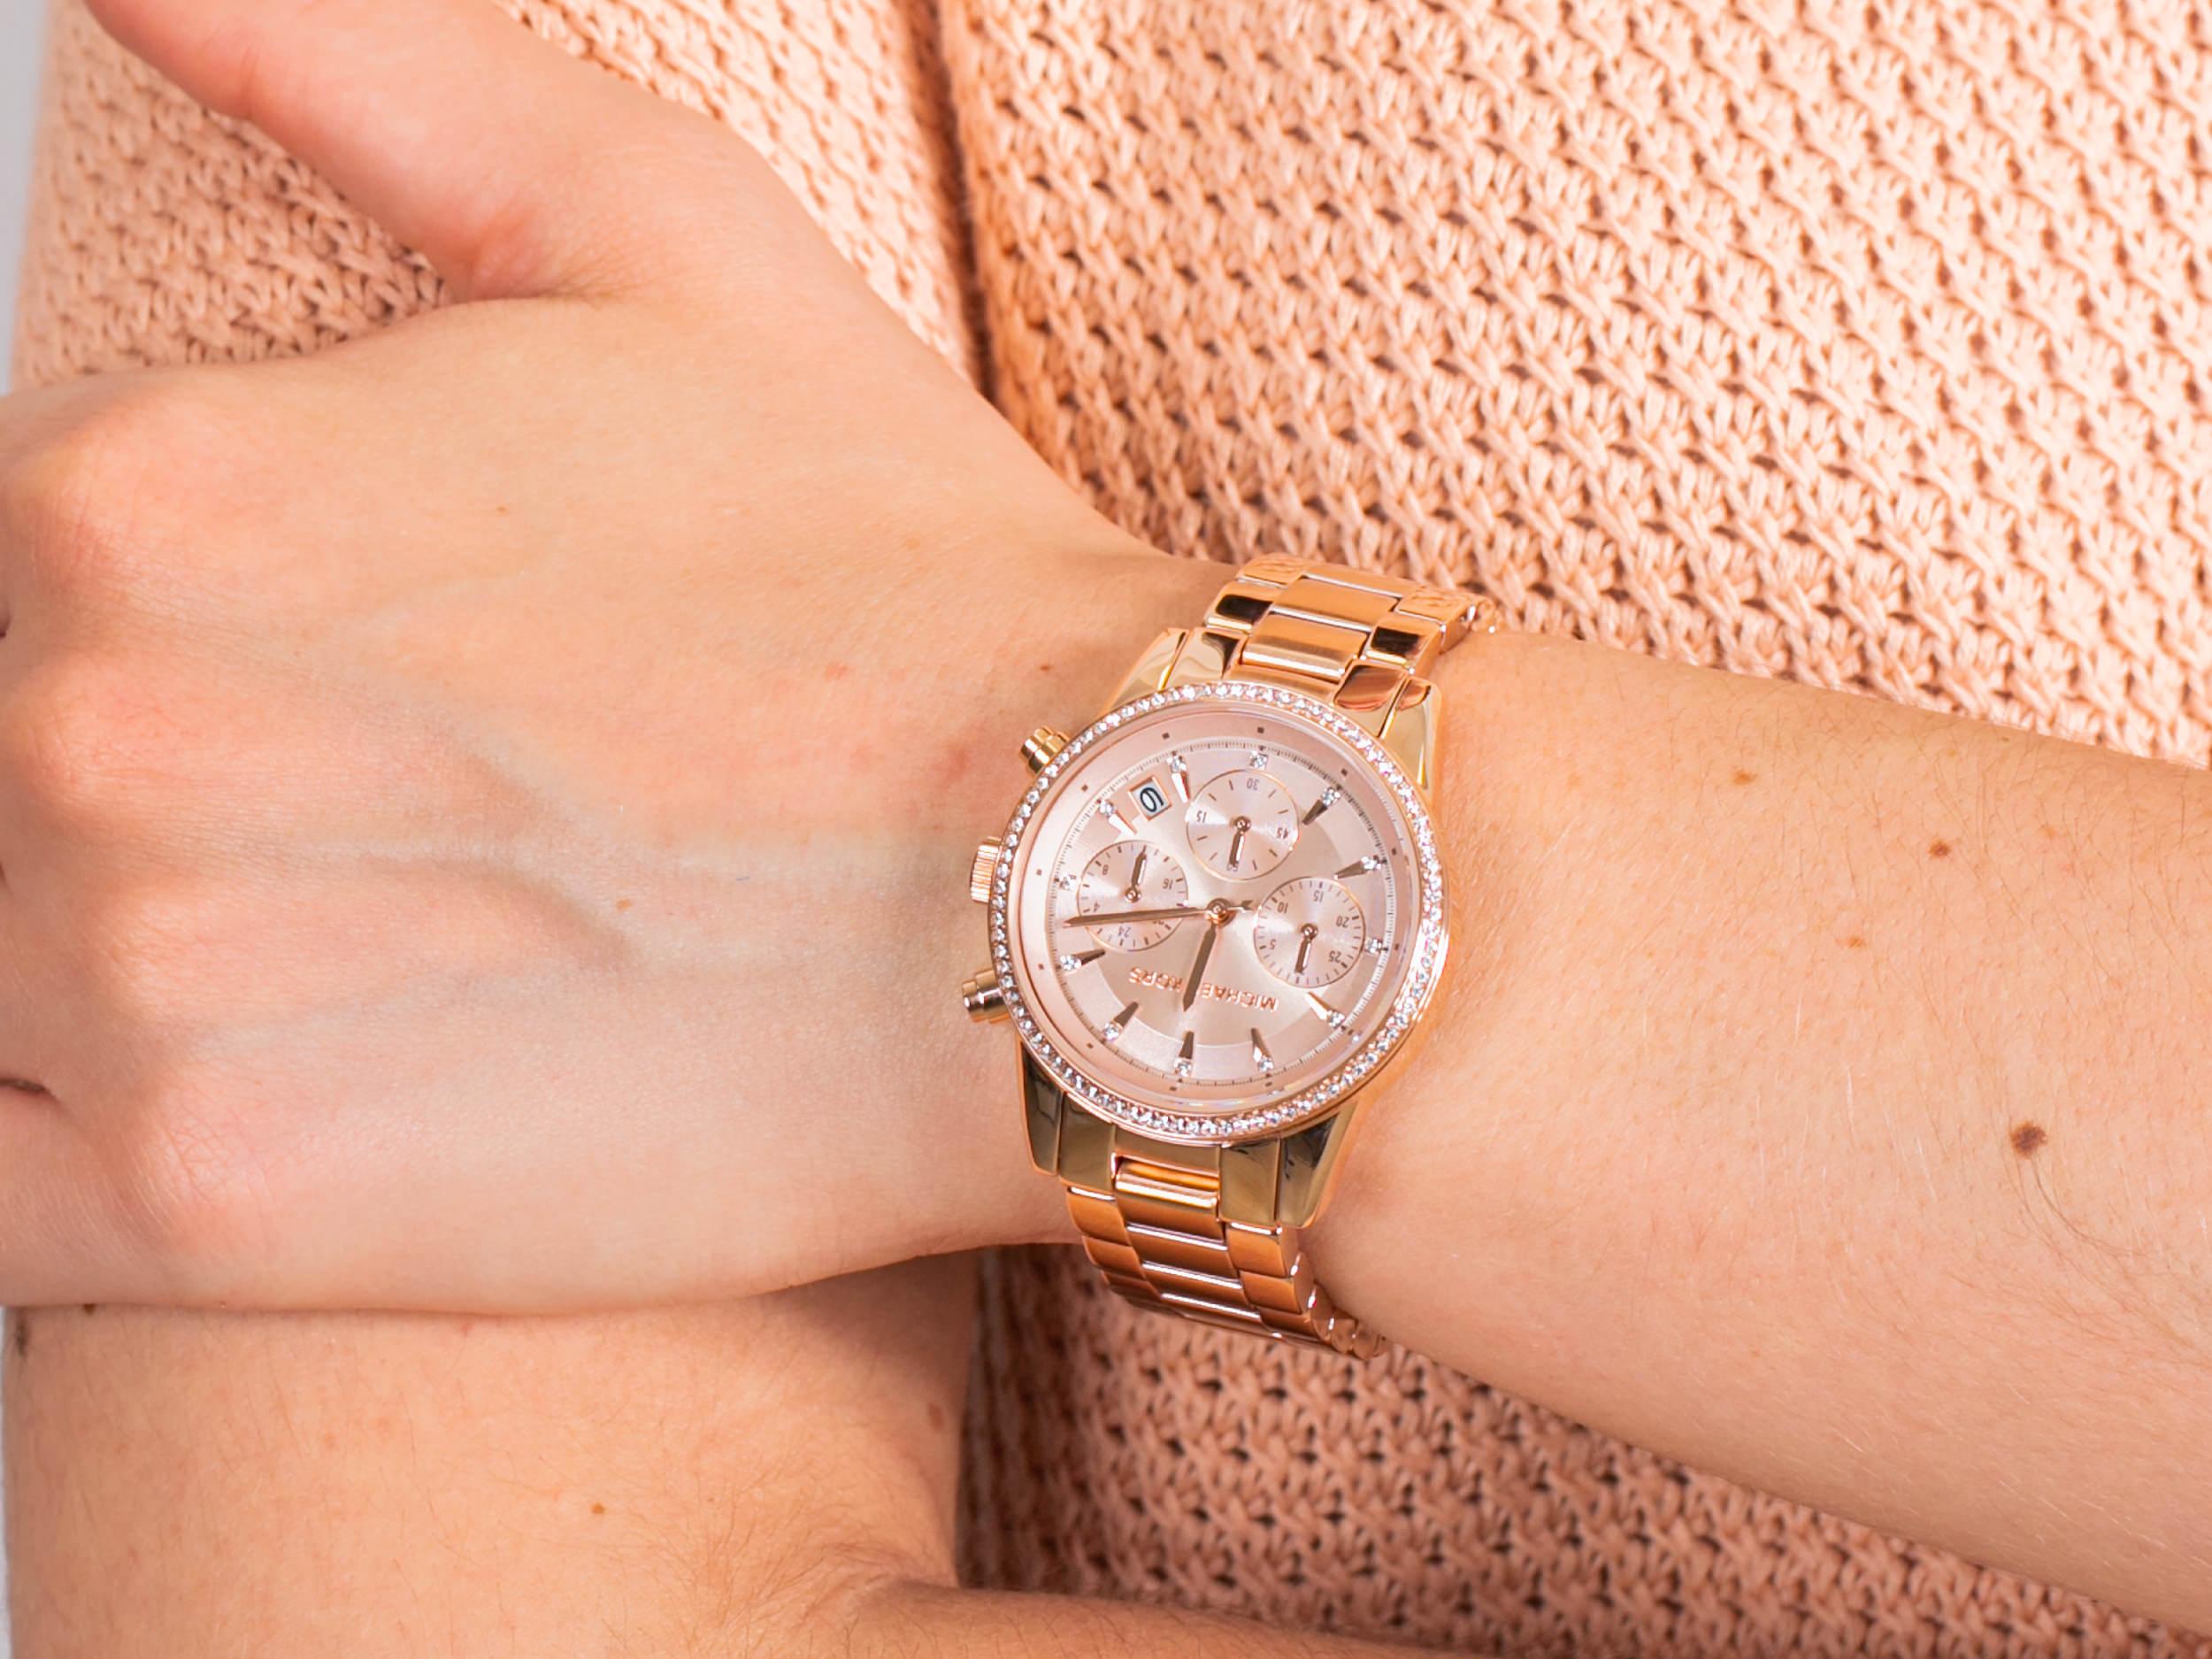 Michael Kors MK6357 RITZ zegarek fashion/modowy Ritz